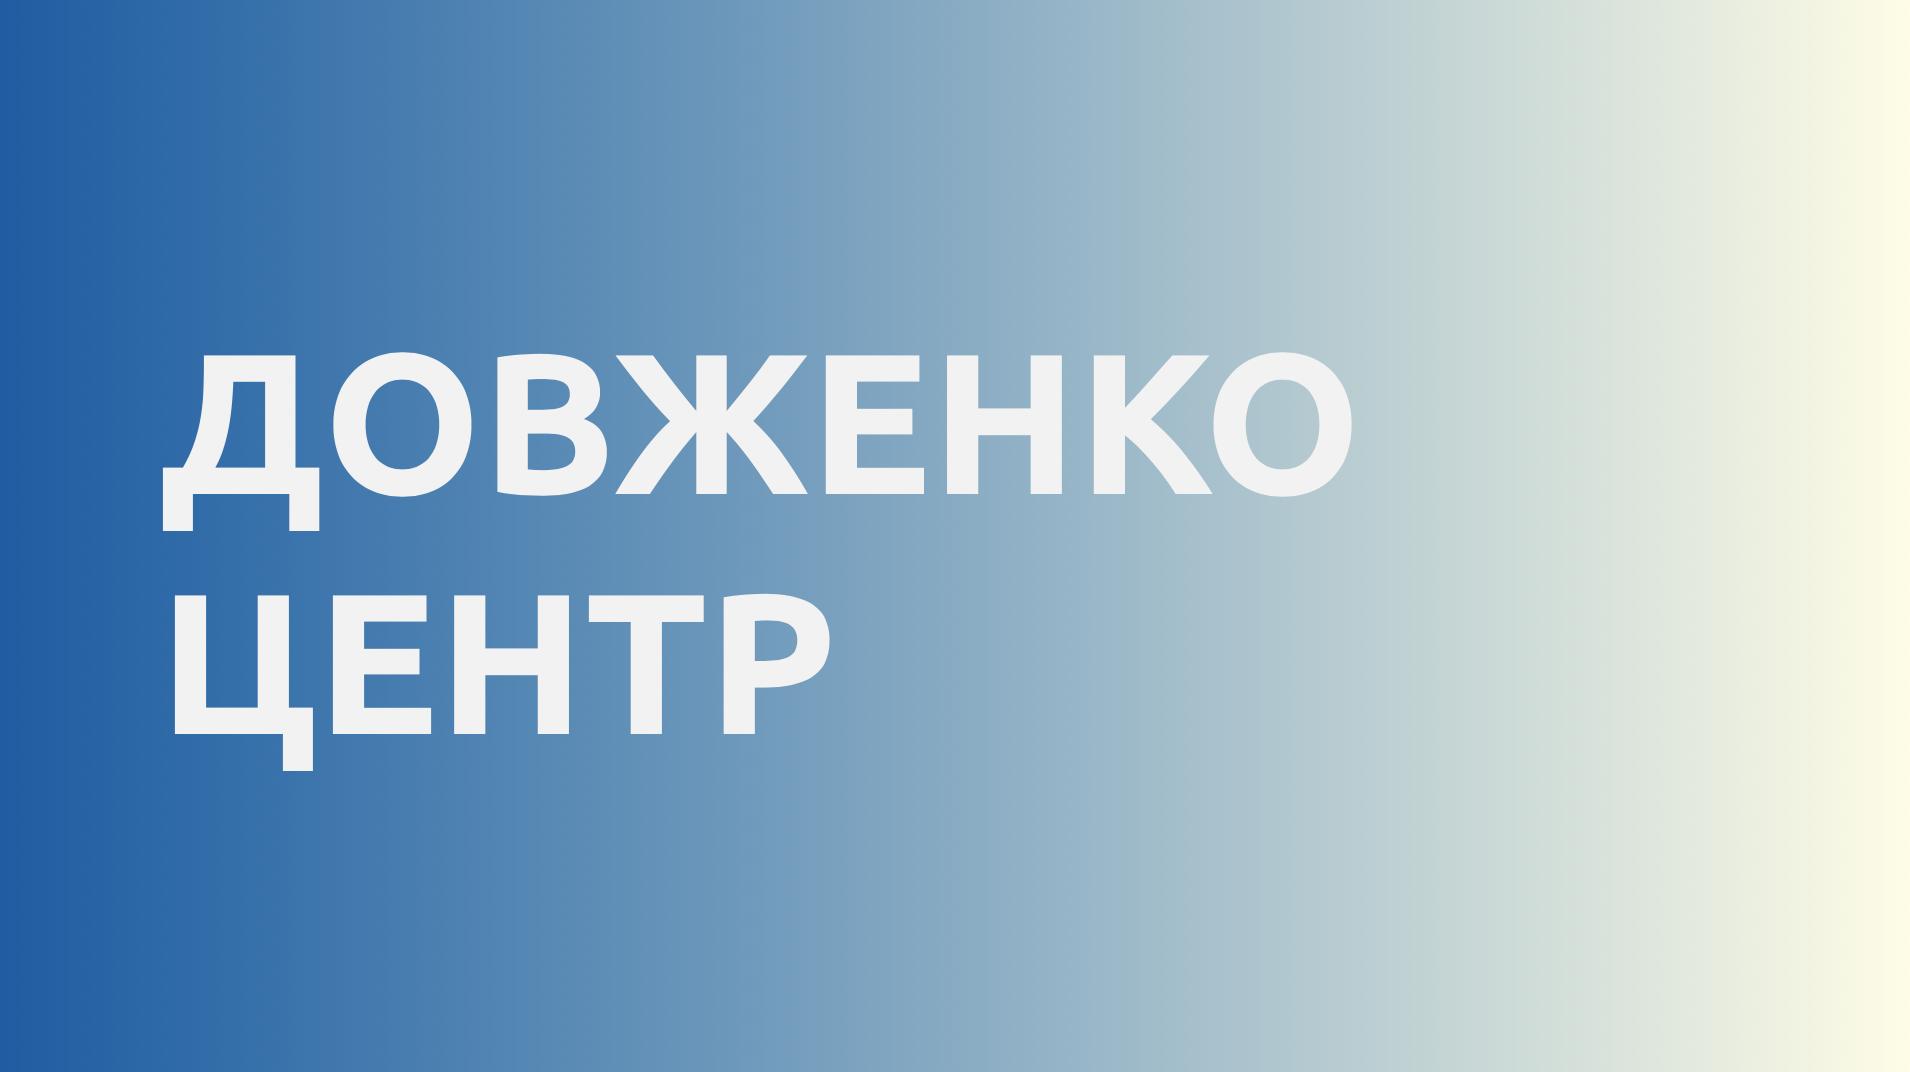 Національний центр Олександра Довженка